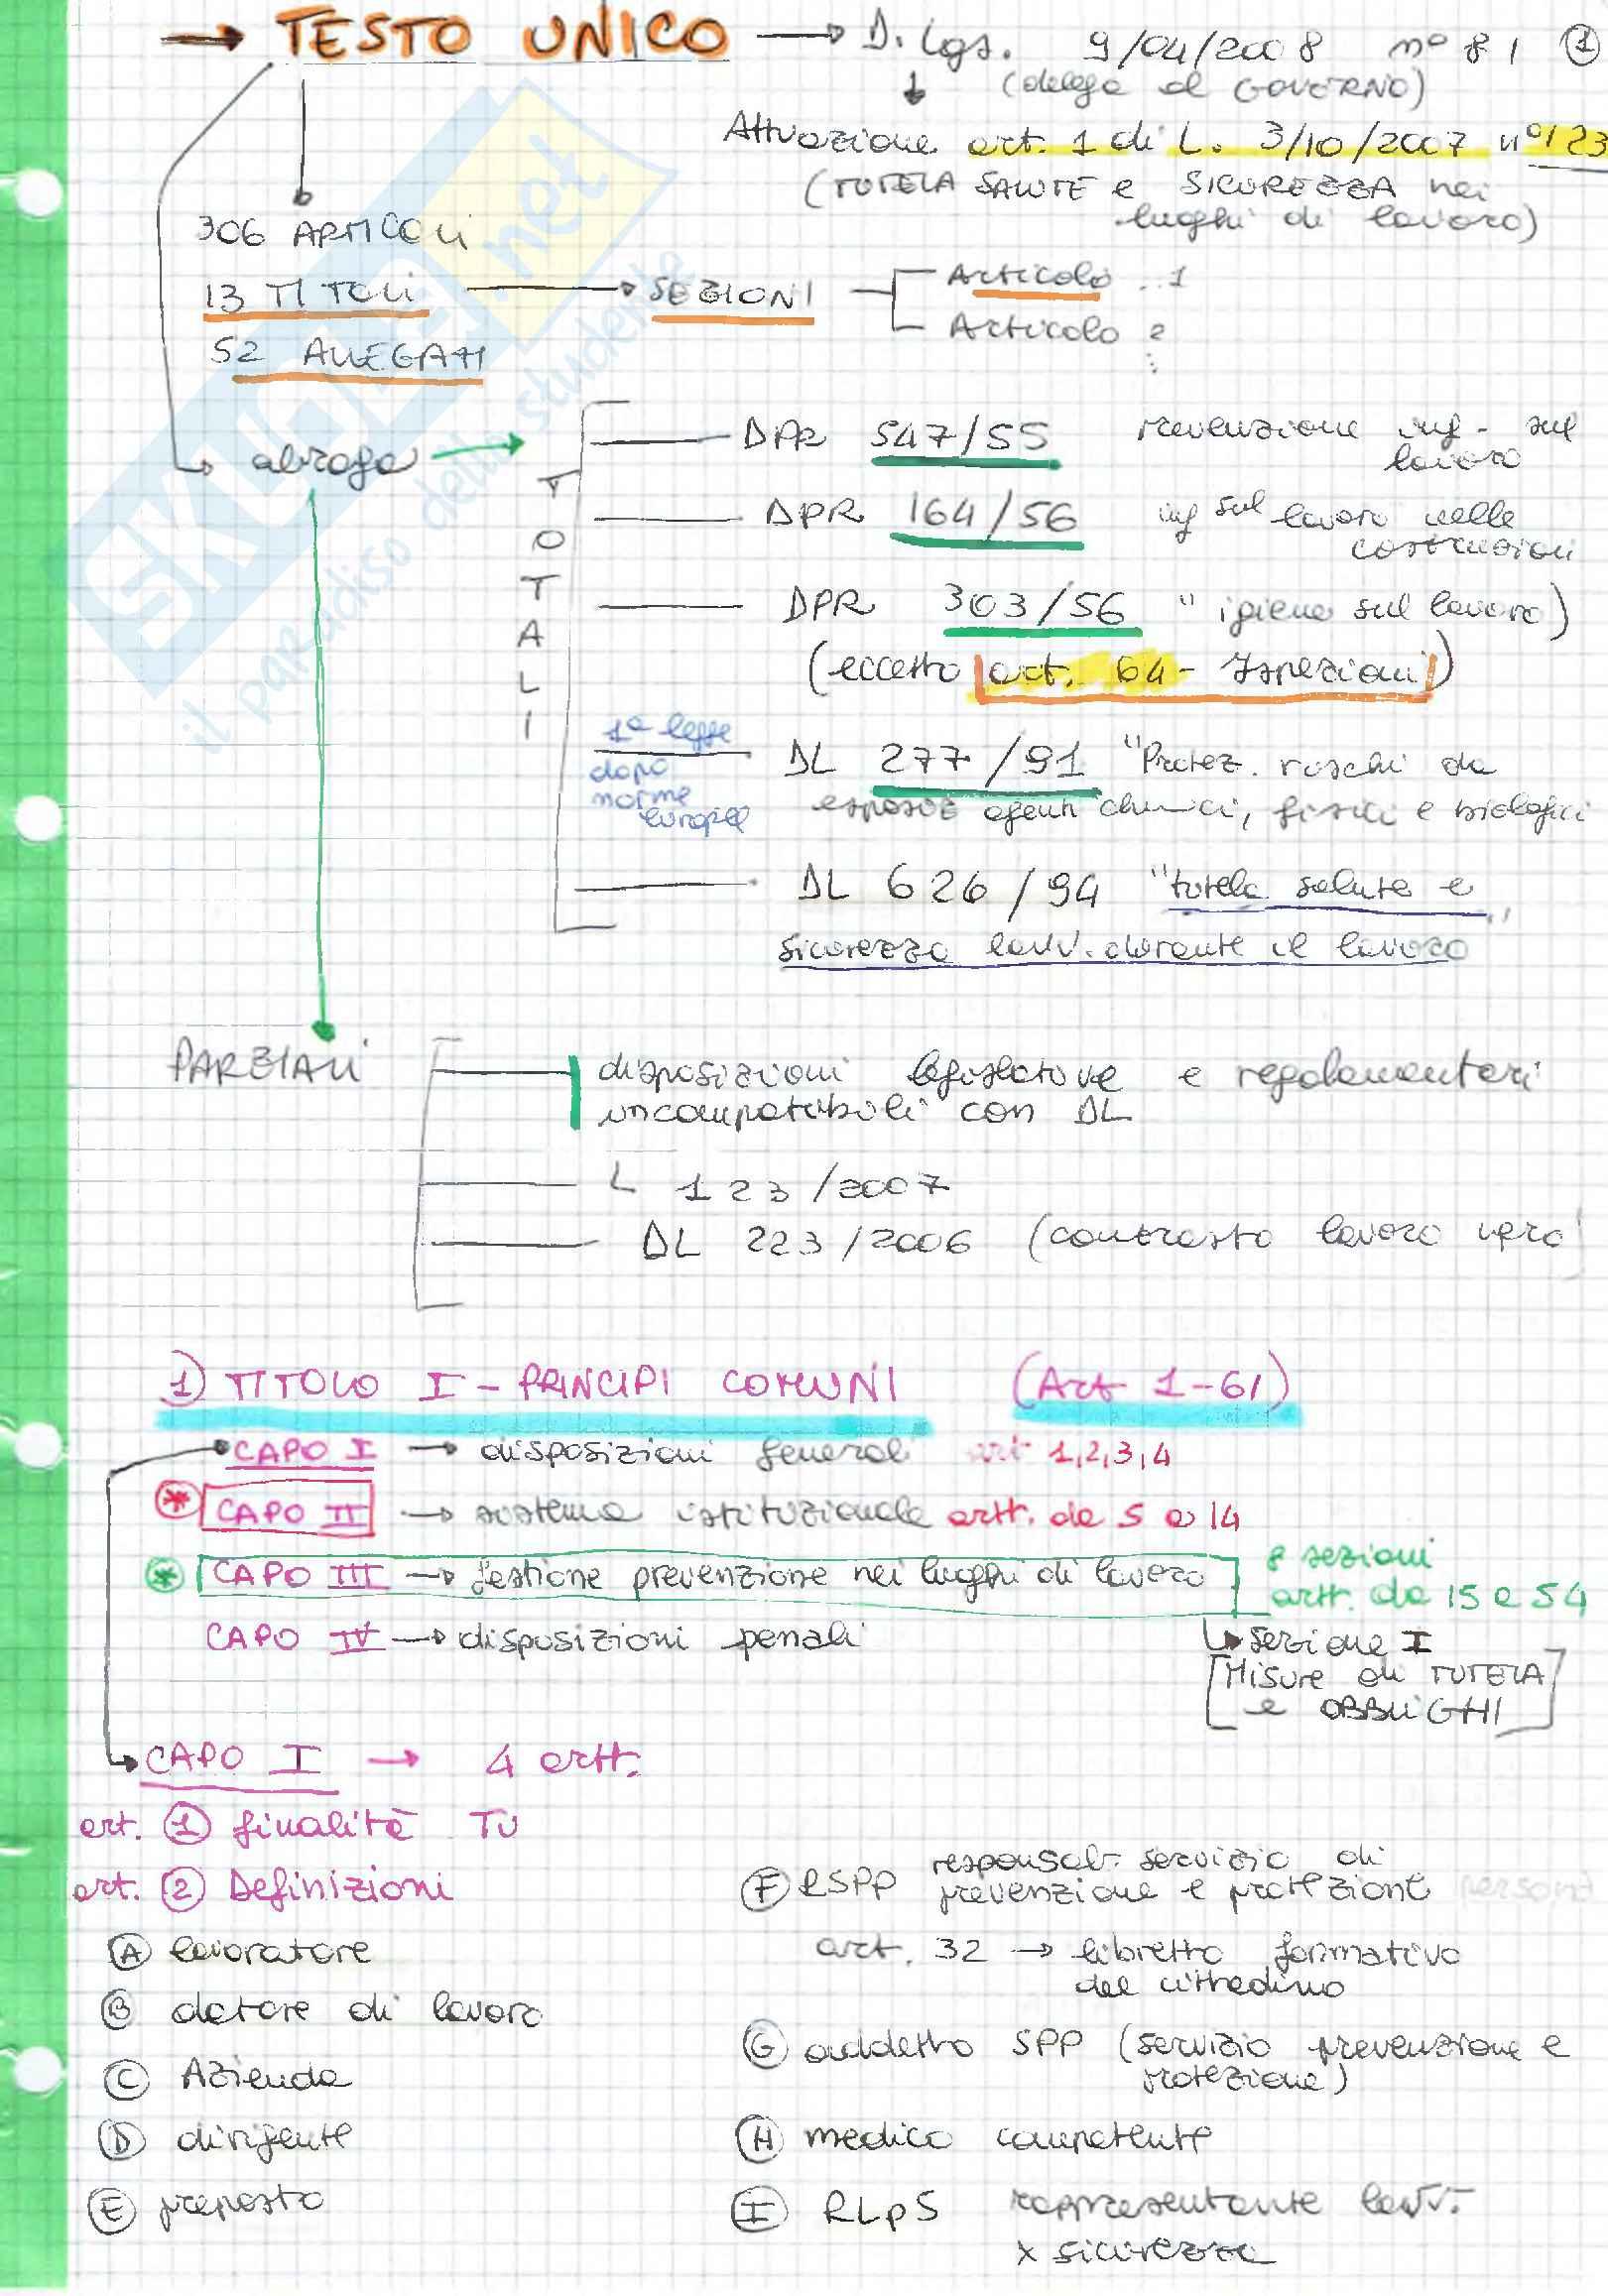 (2/2) Schemi e riassunti, Organizzazione del cantiere, prof. G. Novembri